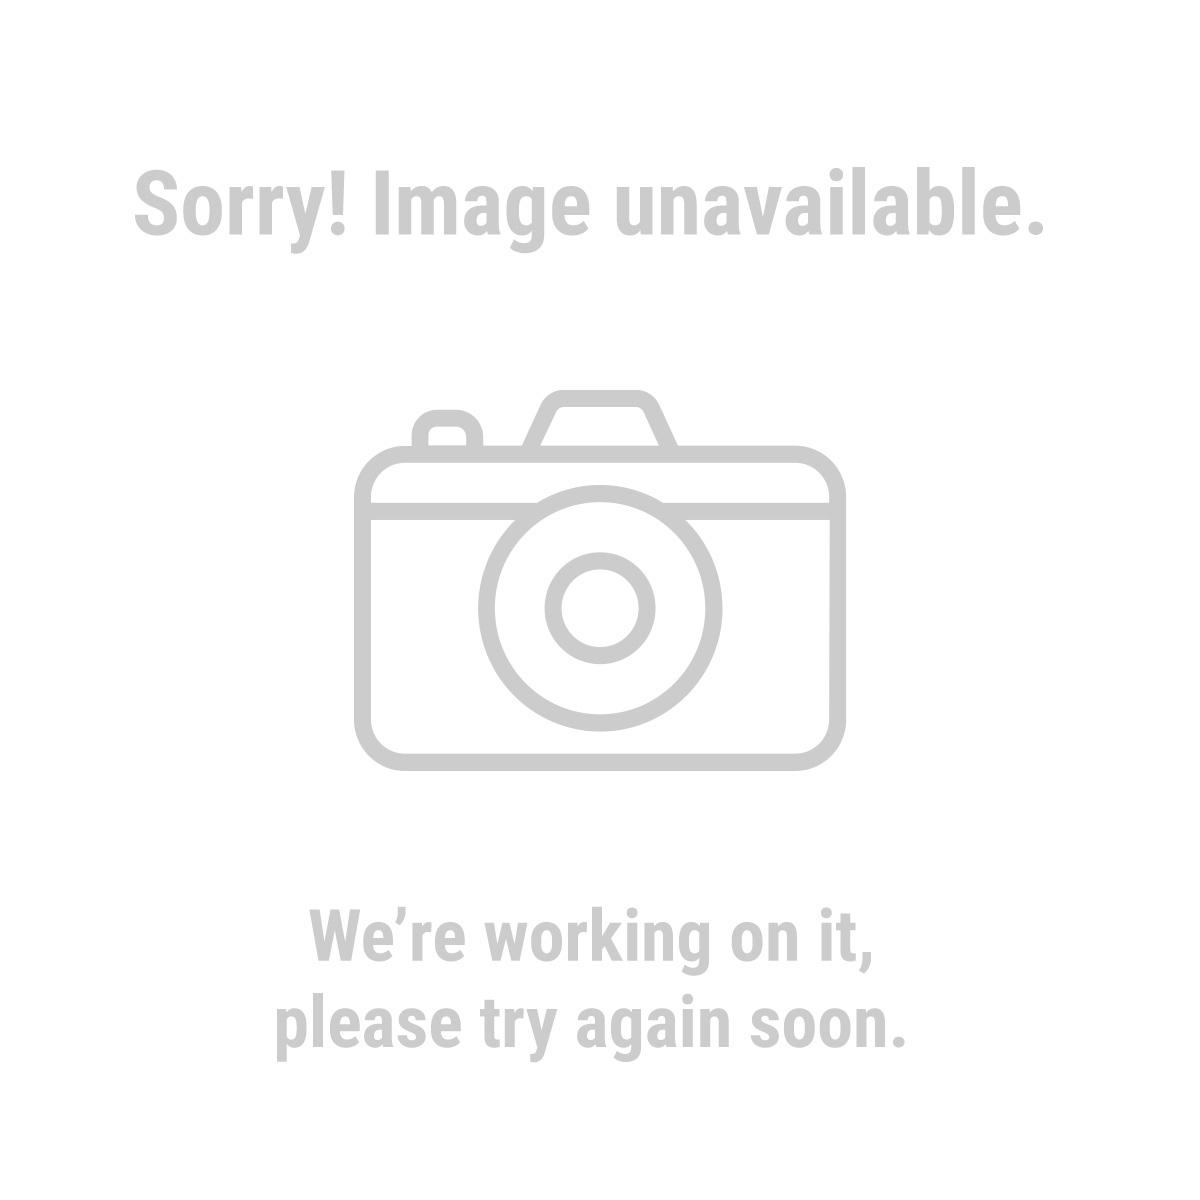 HFT® 61995 10 ft. x 16 Gauge Outdoor Extension Cord